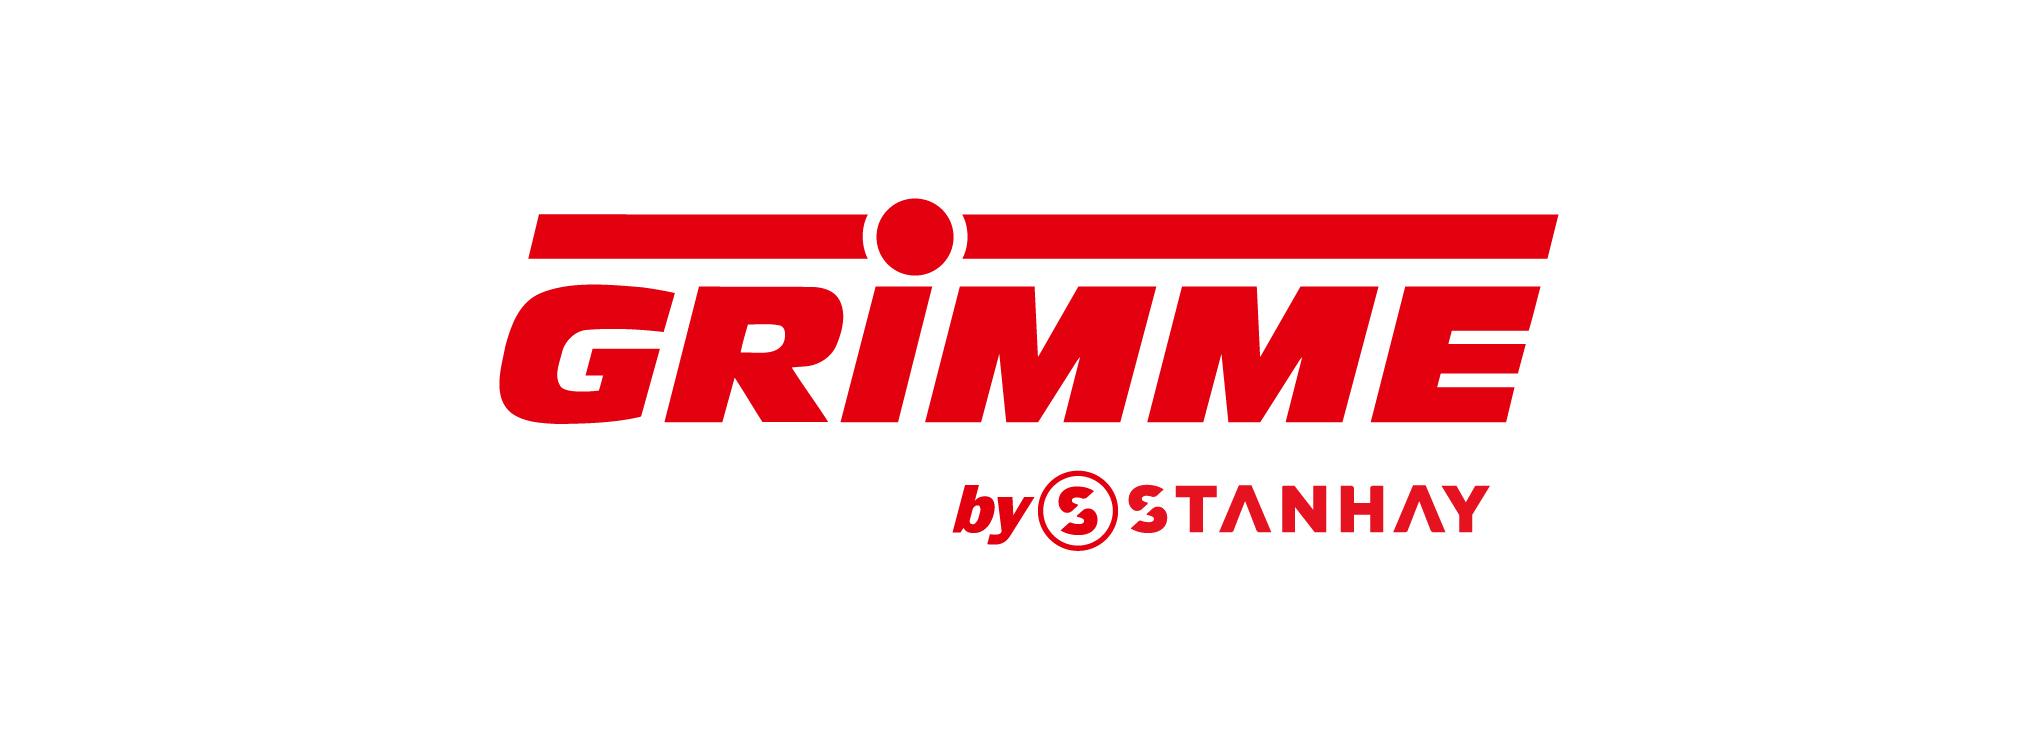 Grimmie.jpg